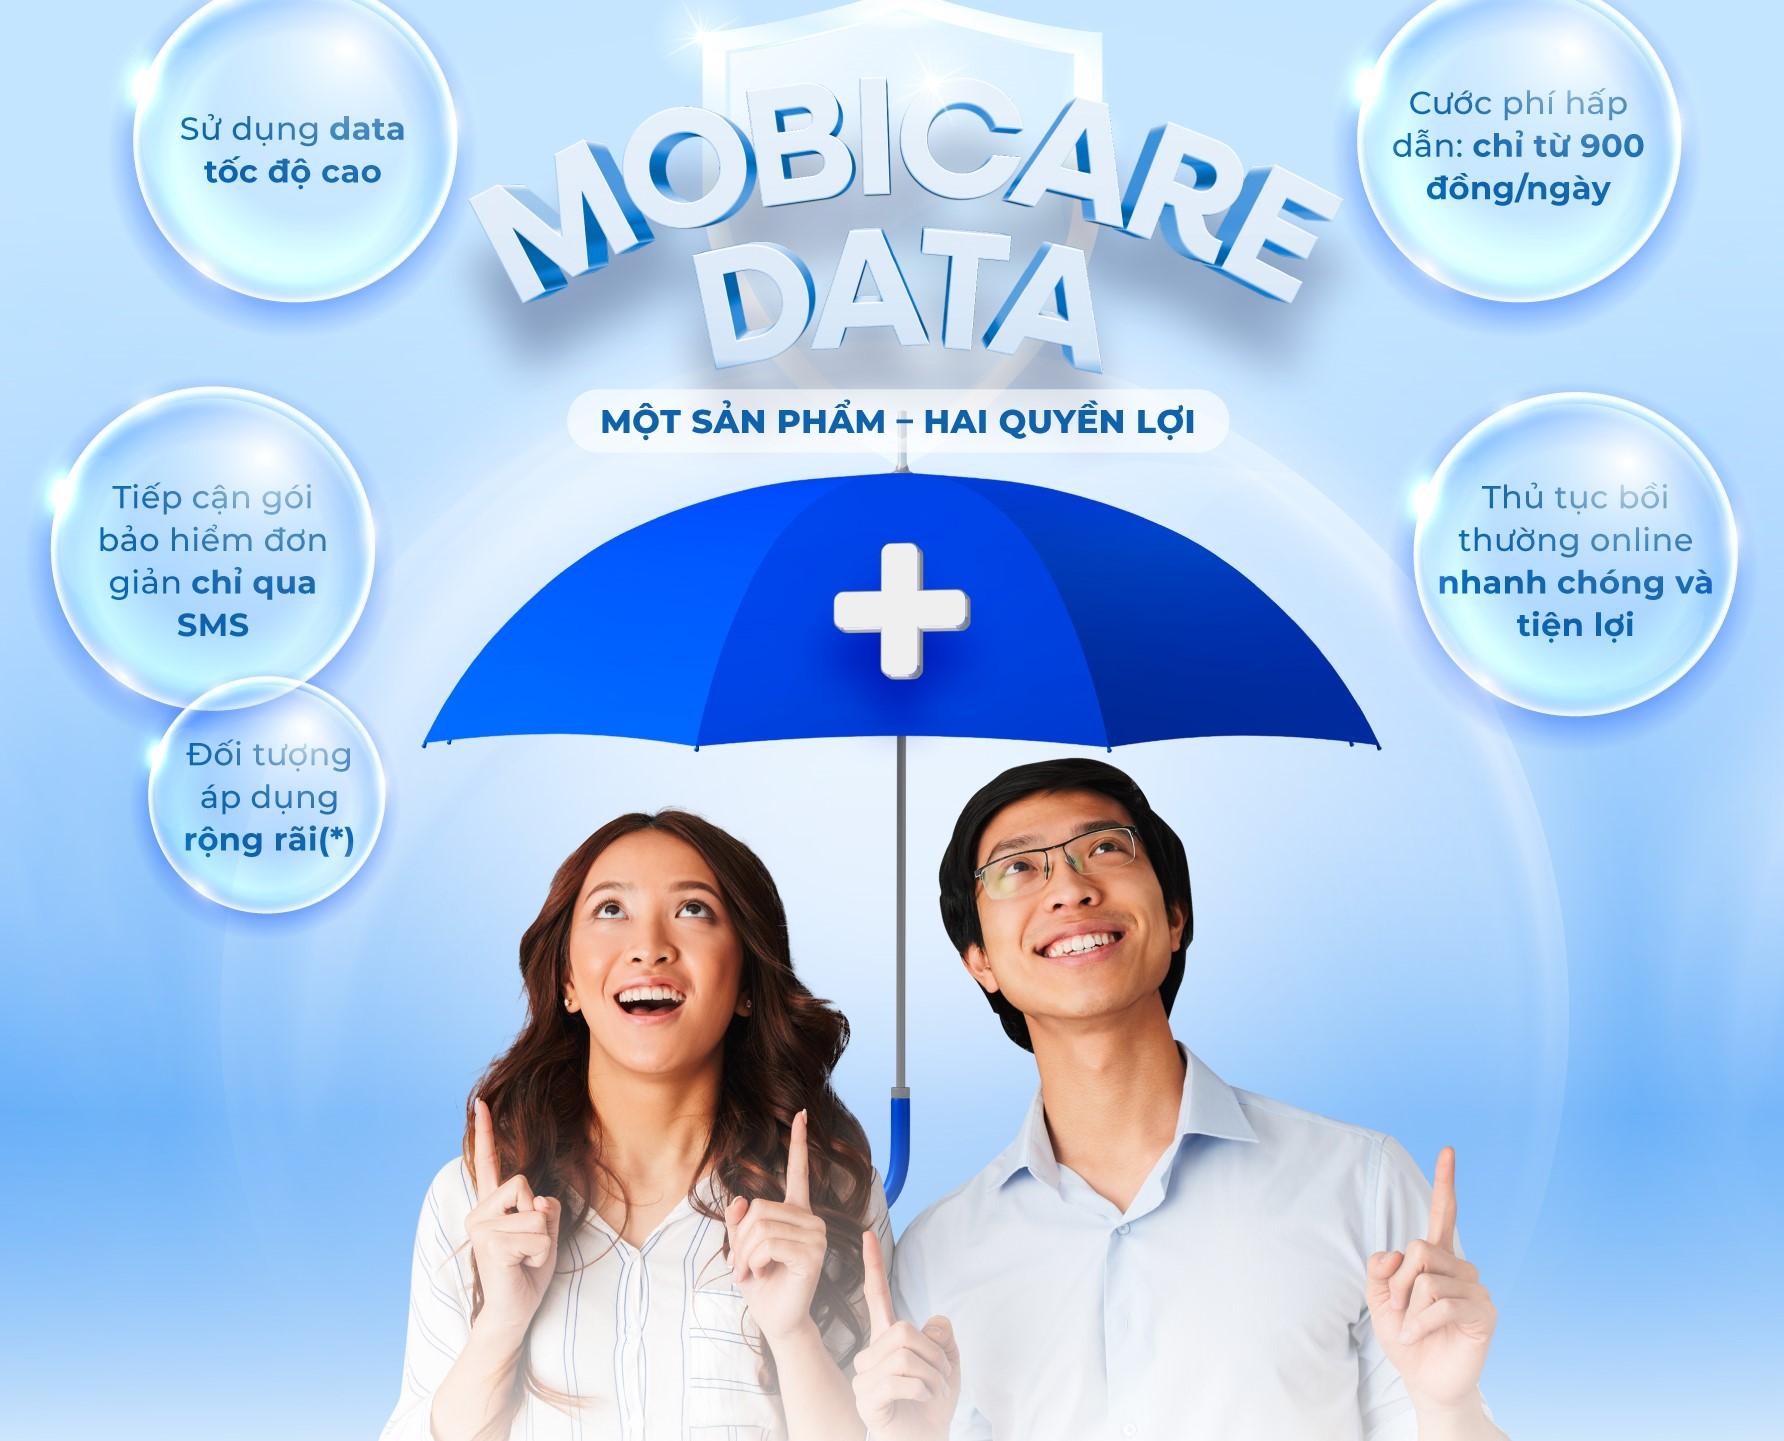 Bảo hiểm PVI ra mắt sản phẩm MobiCare: Một sản phẩm, hai quyền lợi